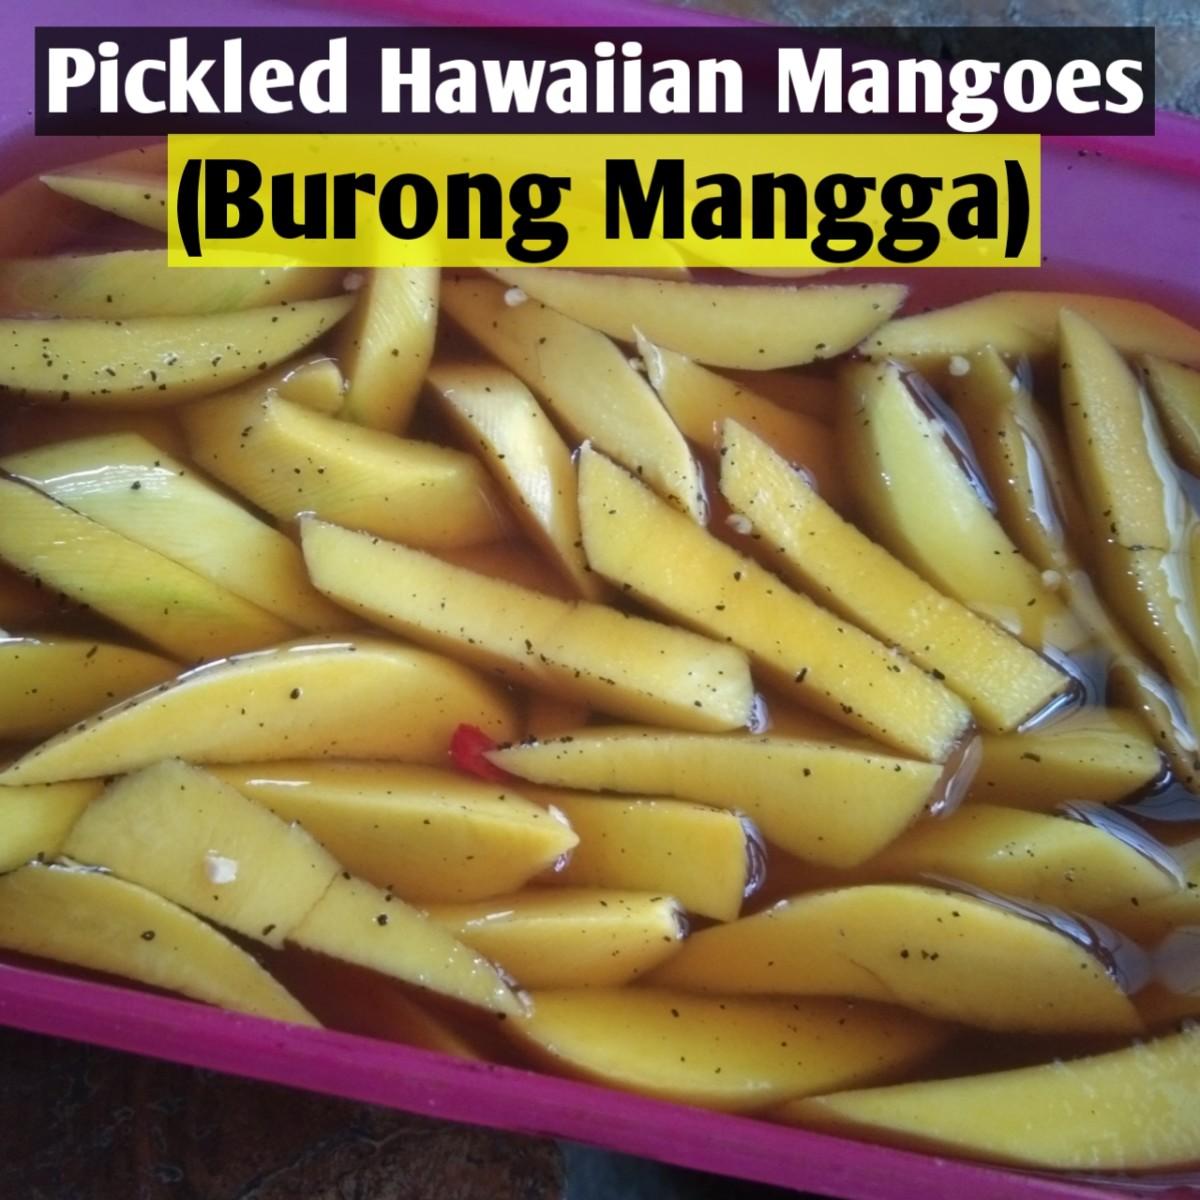 How to Make Pickled Hawaiian Mangoes (Burong Mangga)